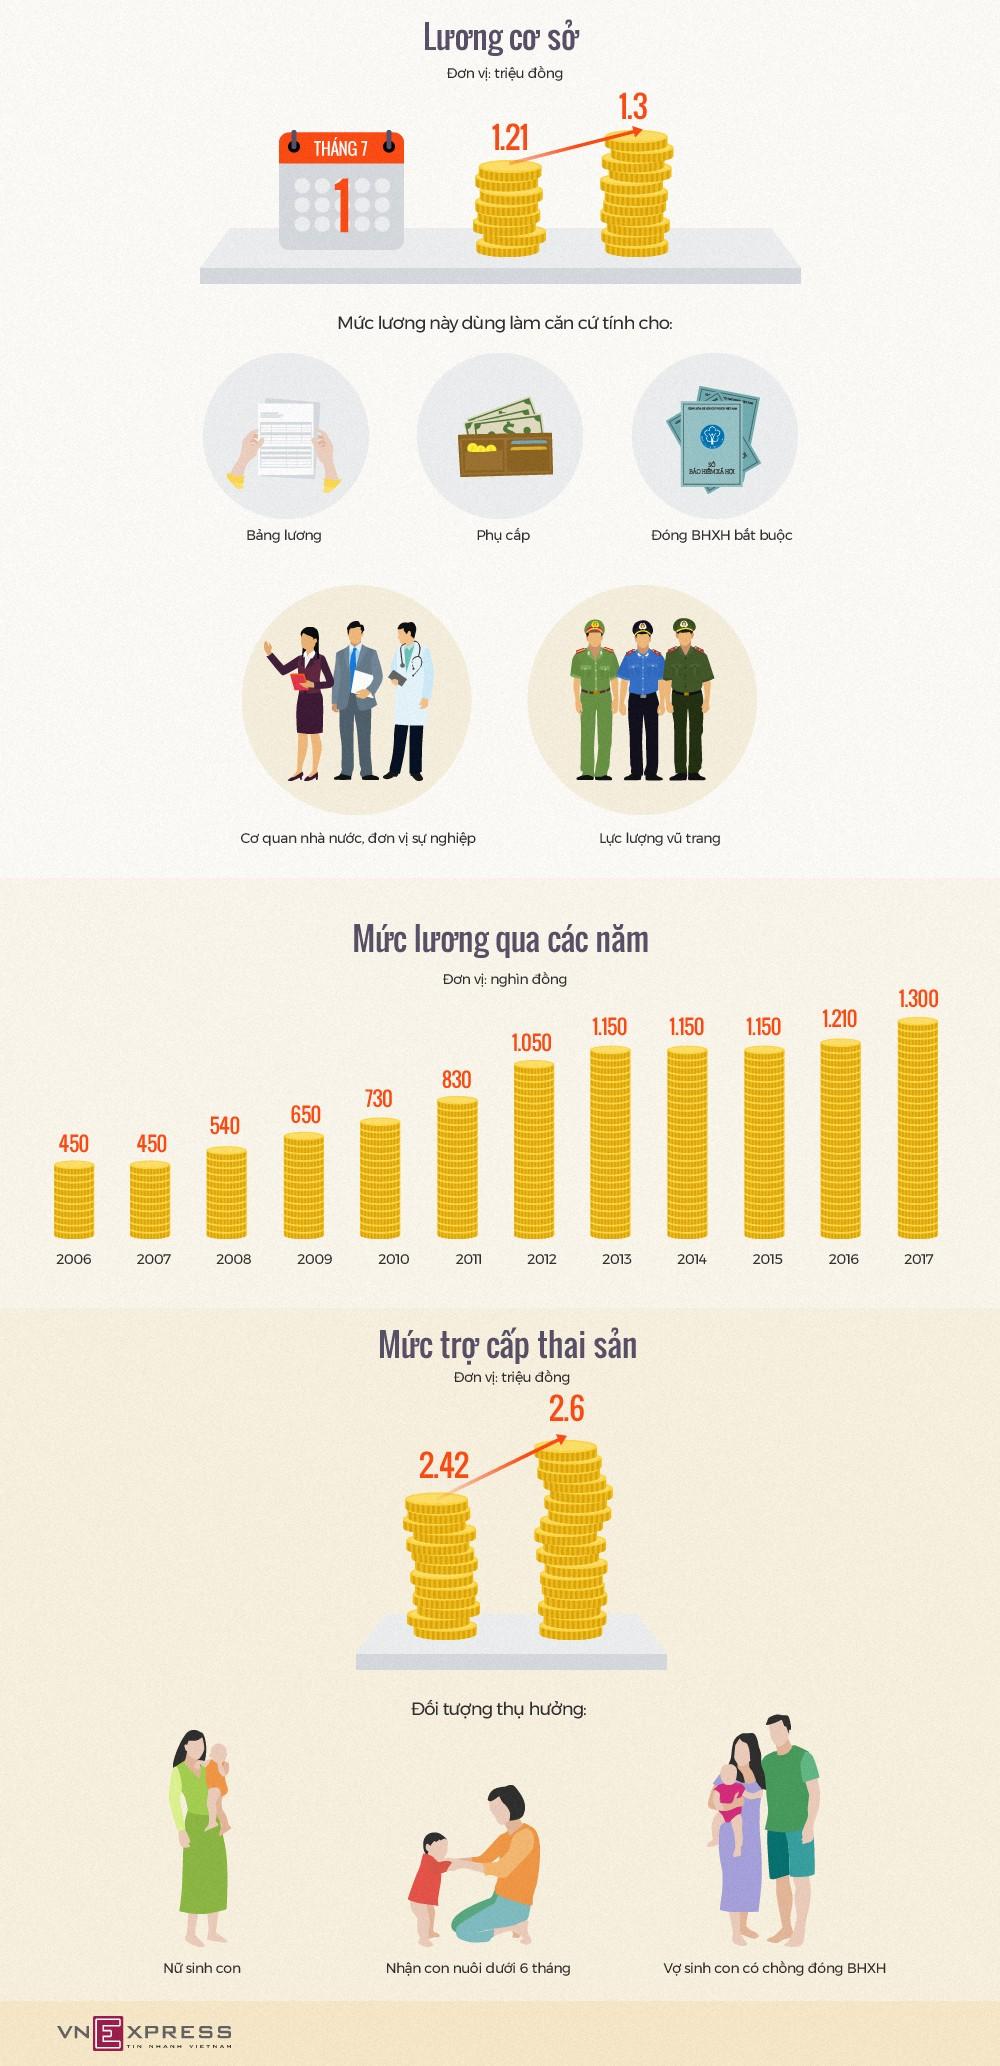 Lương cơ sở tăng thế nào sau hơn thập kỷ - ảnh 1